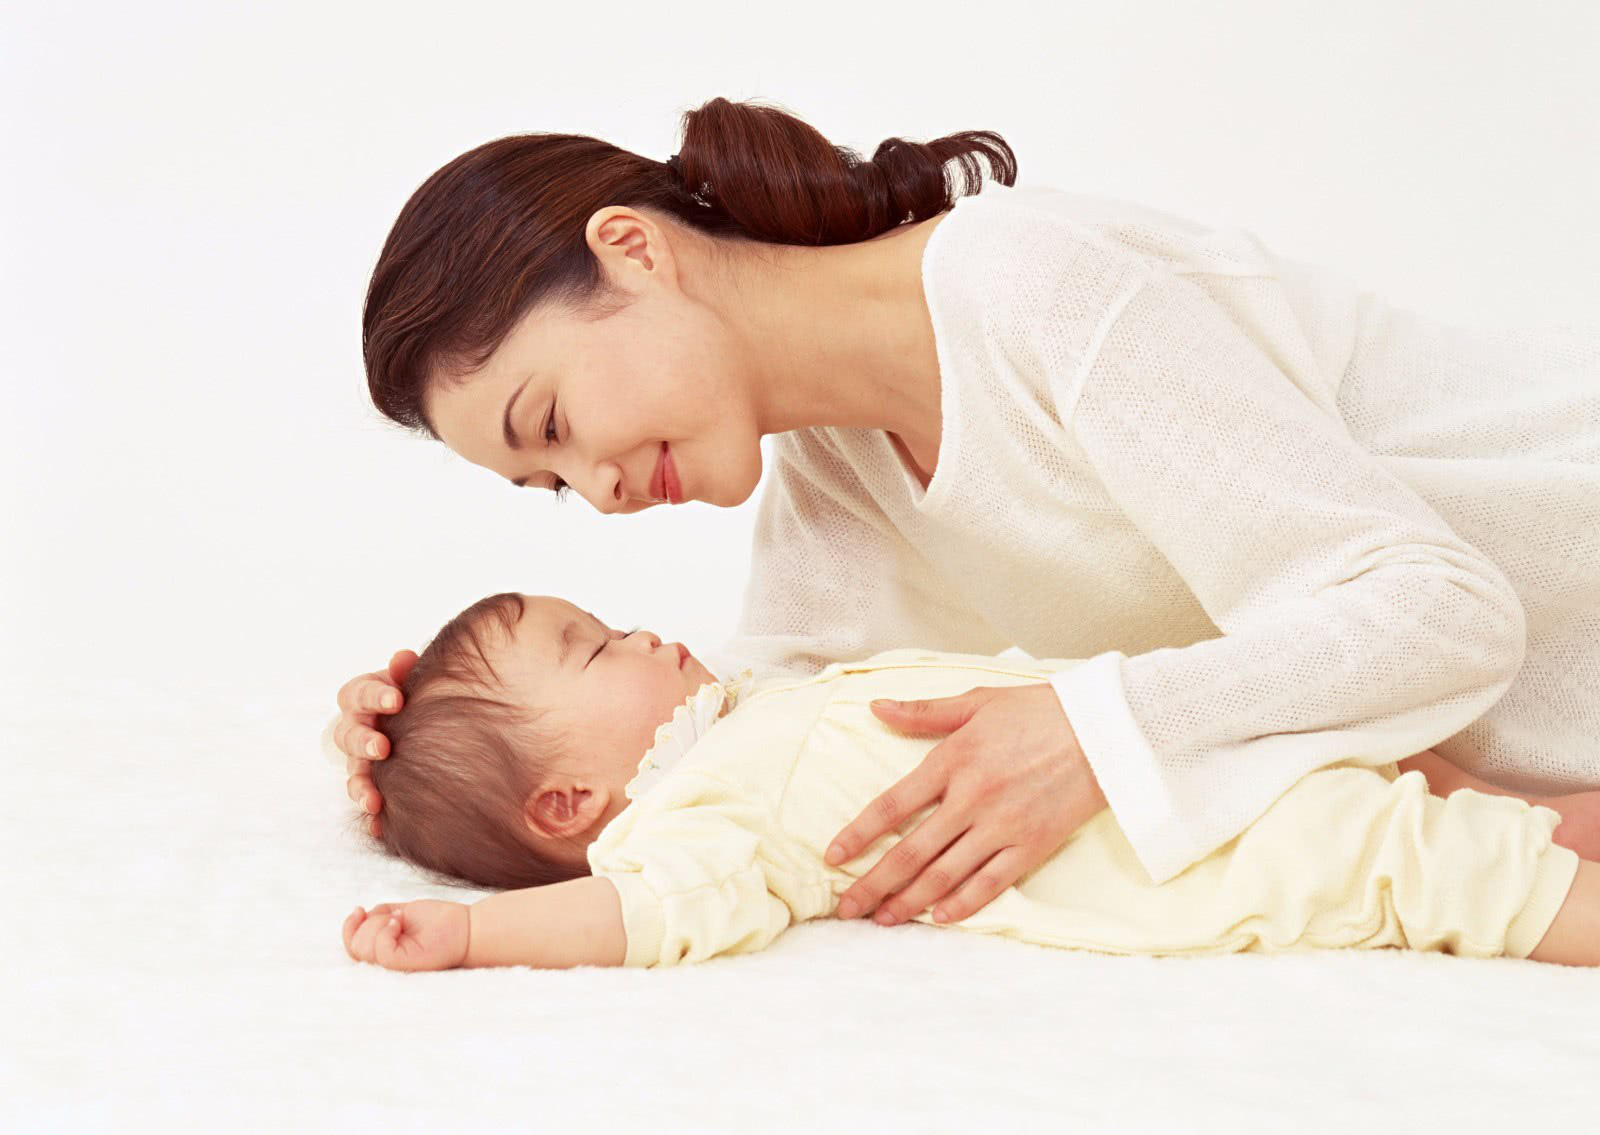 Chẳng cần ghen tị với con vì môi mẹ nay cũng có thể mềm xinh như bé - Ảnh 1.